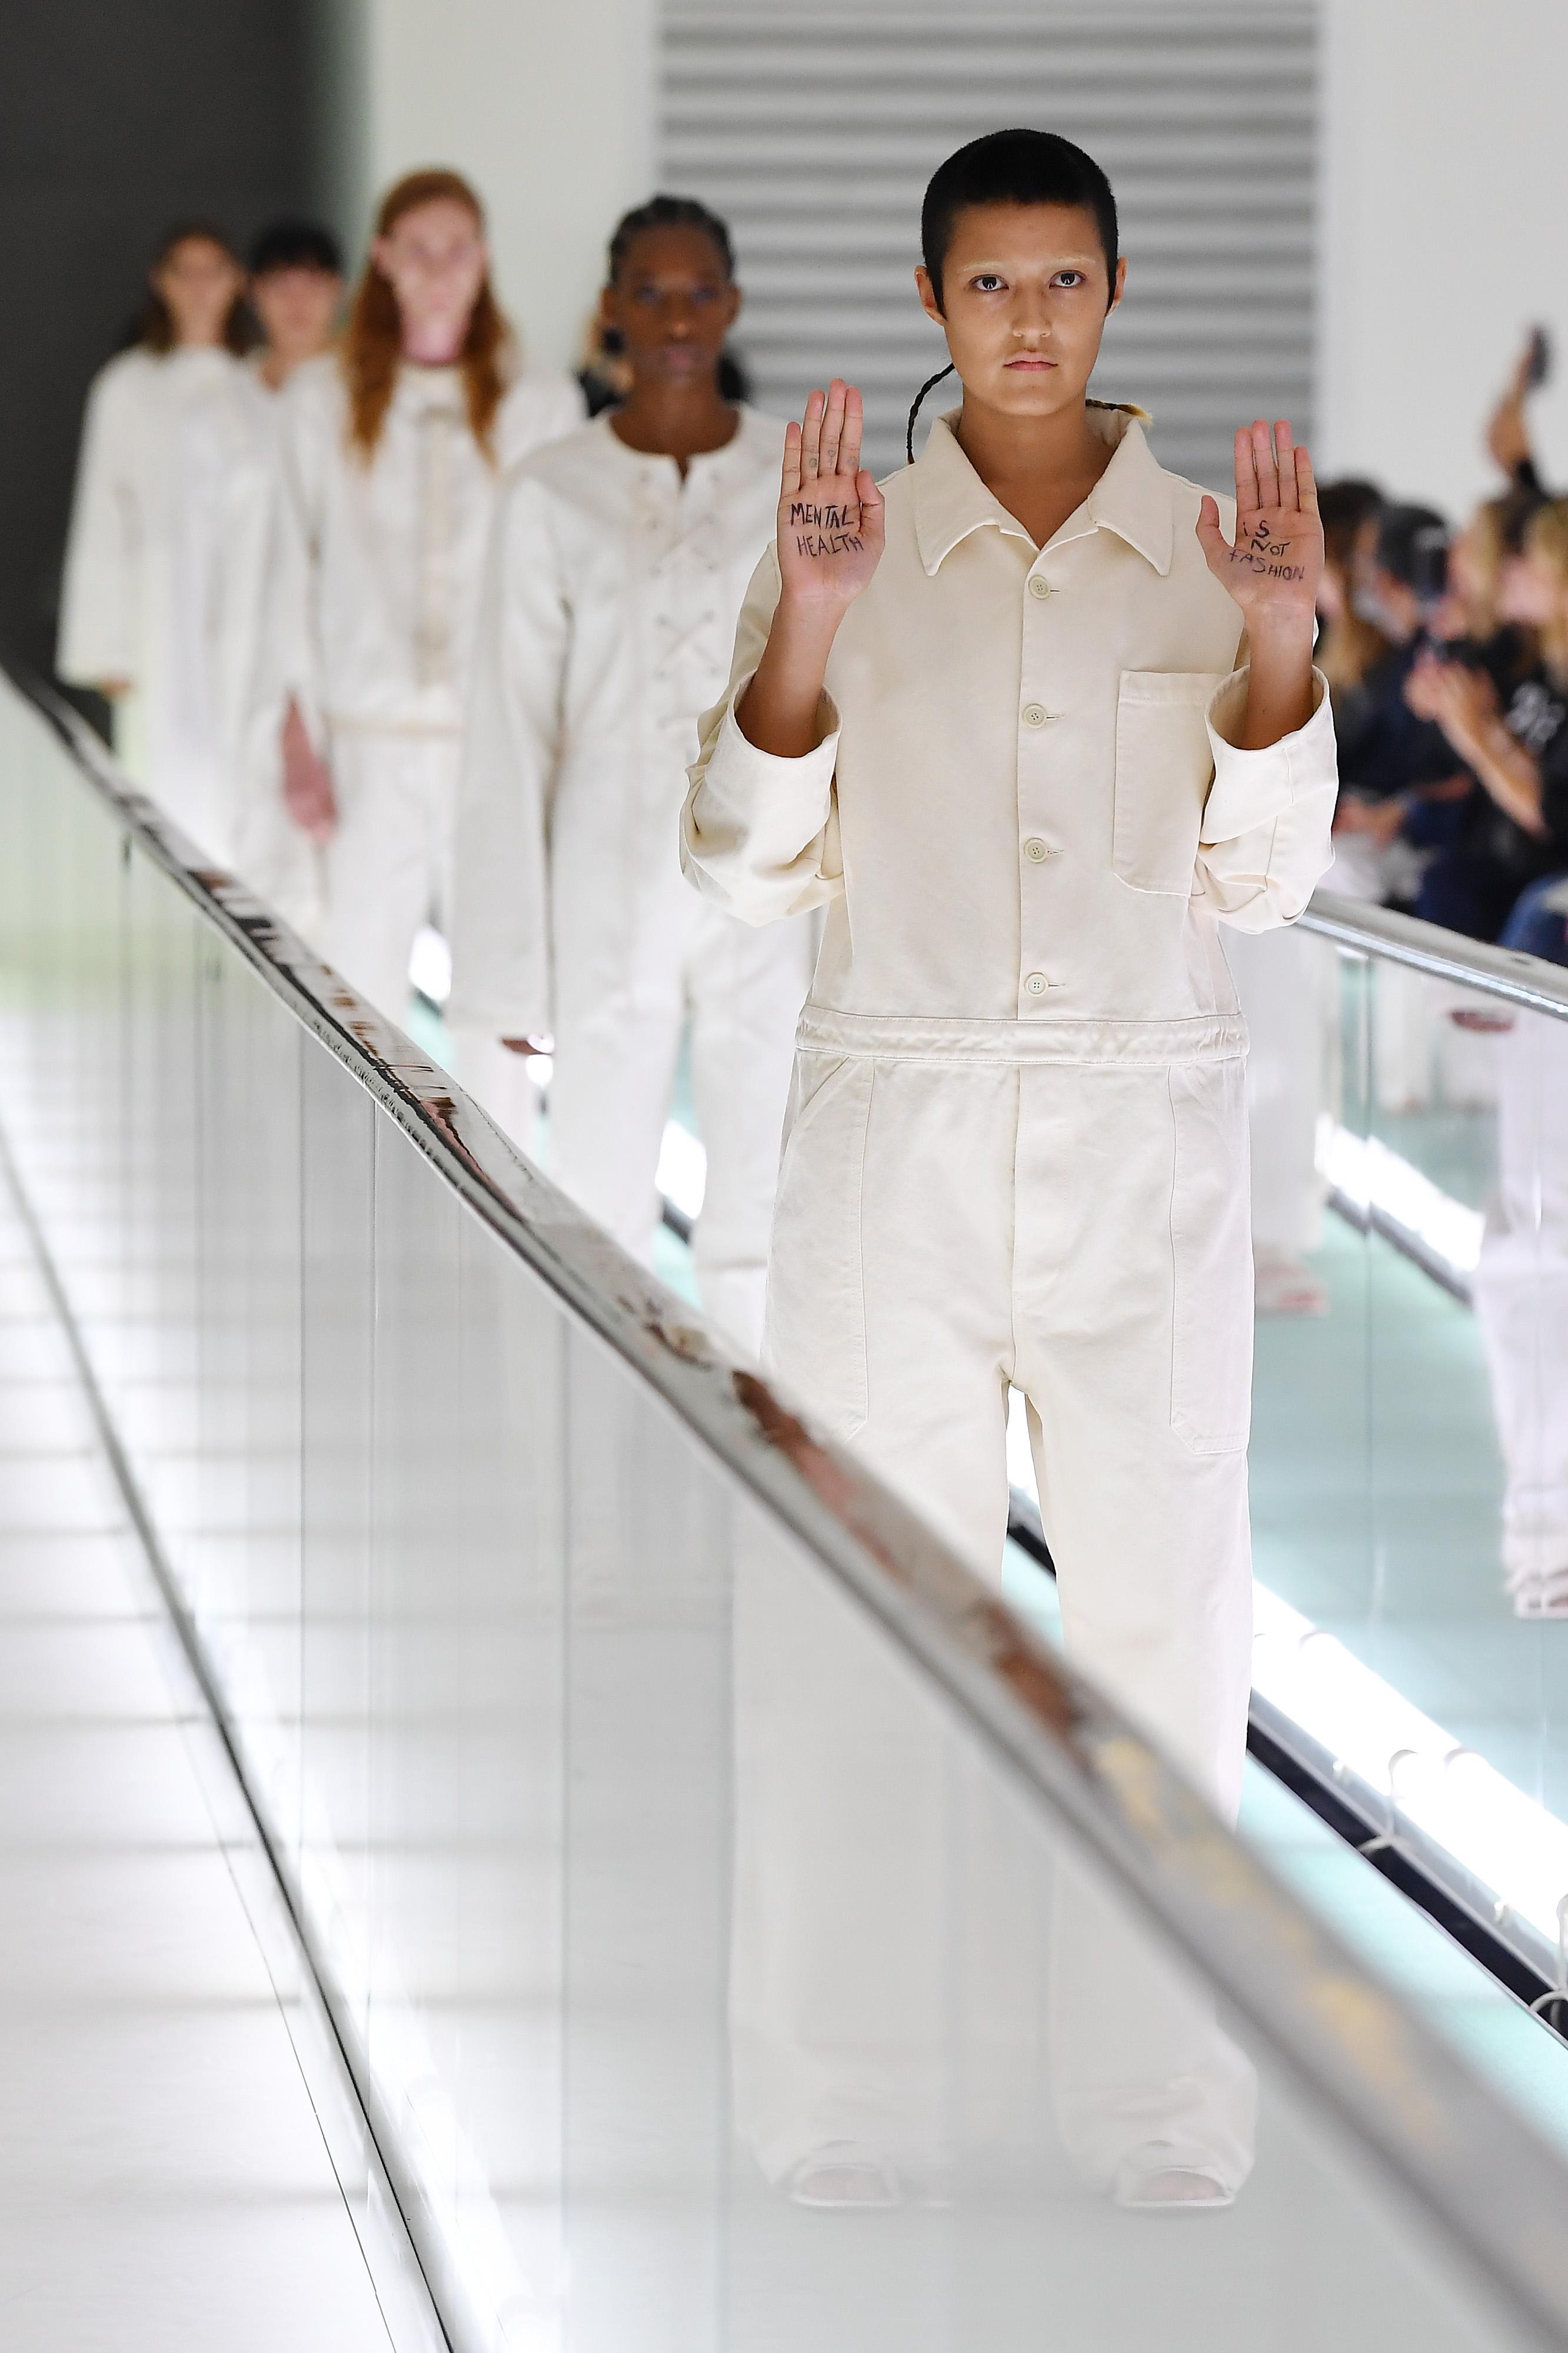 """Gucci презентацията за Пролет/Лято 2020 на Алесандро Микеле  възбужда разпалена дискусия по следната тема - идилията на """"болничното"""" начало на шоуто, прекъснато от мирния протест на един от моделите - директно от подиума. На 26-годишния модел Айеша Тан-Джоунс е отредено да дефилира с една от белите ризи в първата част на презентацията - докато е на сцената, Айеша вдига ръцете си на нивото на торса, а върху дланите й се чете: MENTAL HEALTH IS NOT FASHION, в знак на протест. Посланието има за цел да изрази негодуванието на модела срещу обидната употреба на усмирителни ризи."""